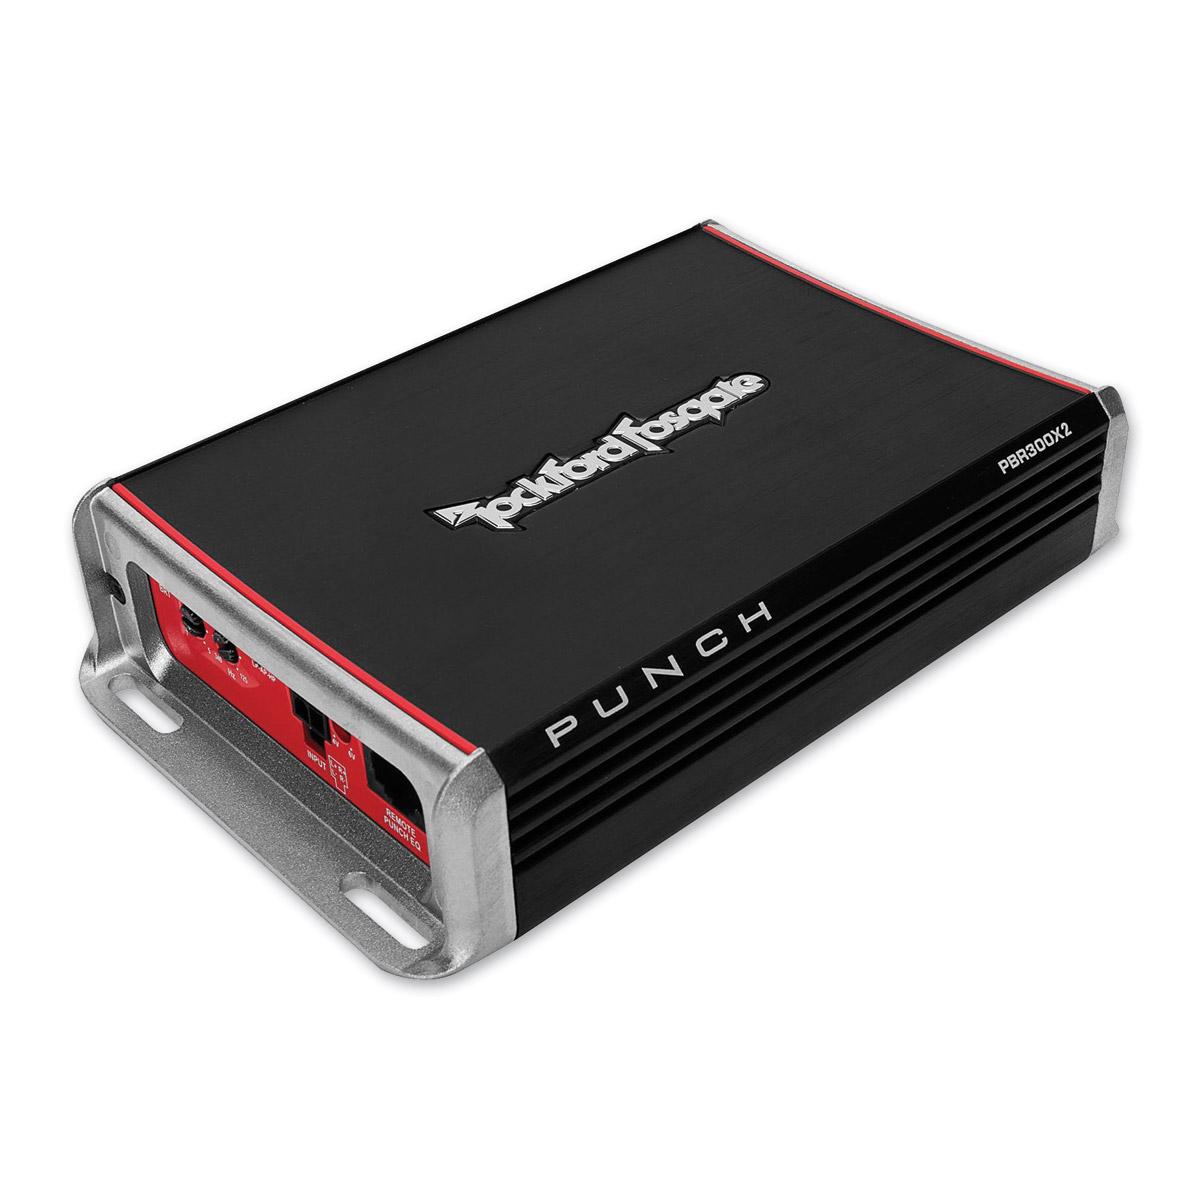 Rockford Fosgate 300W Amplifier